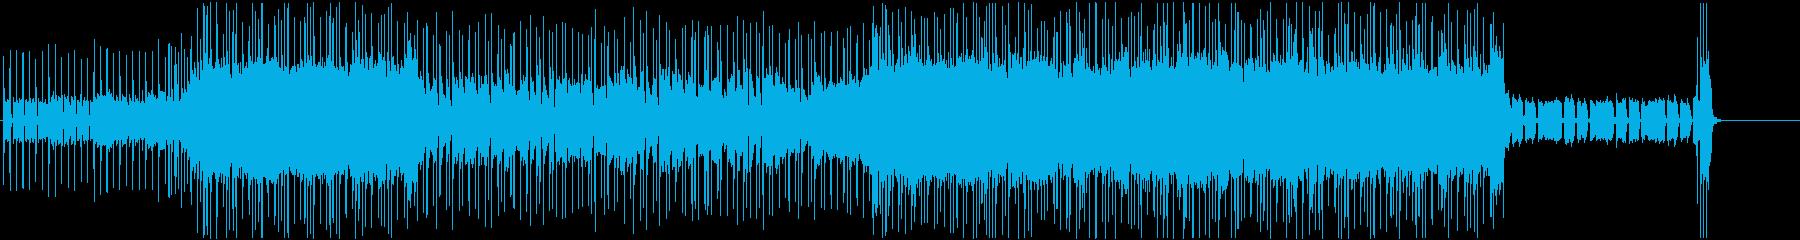 軽快でポップなギターロックの再生済みの波形